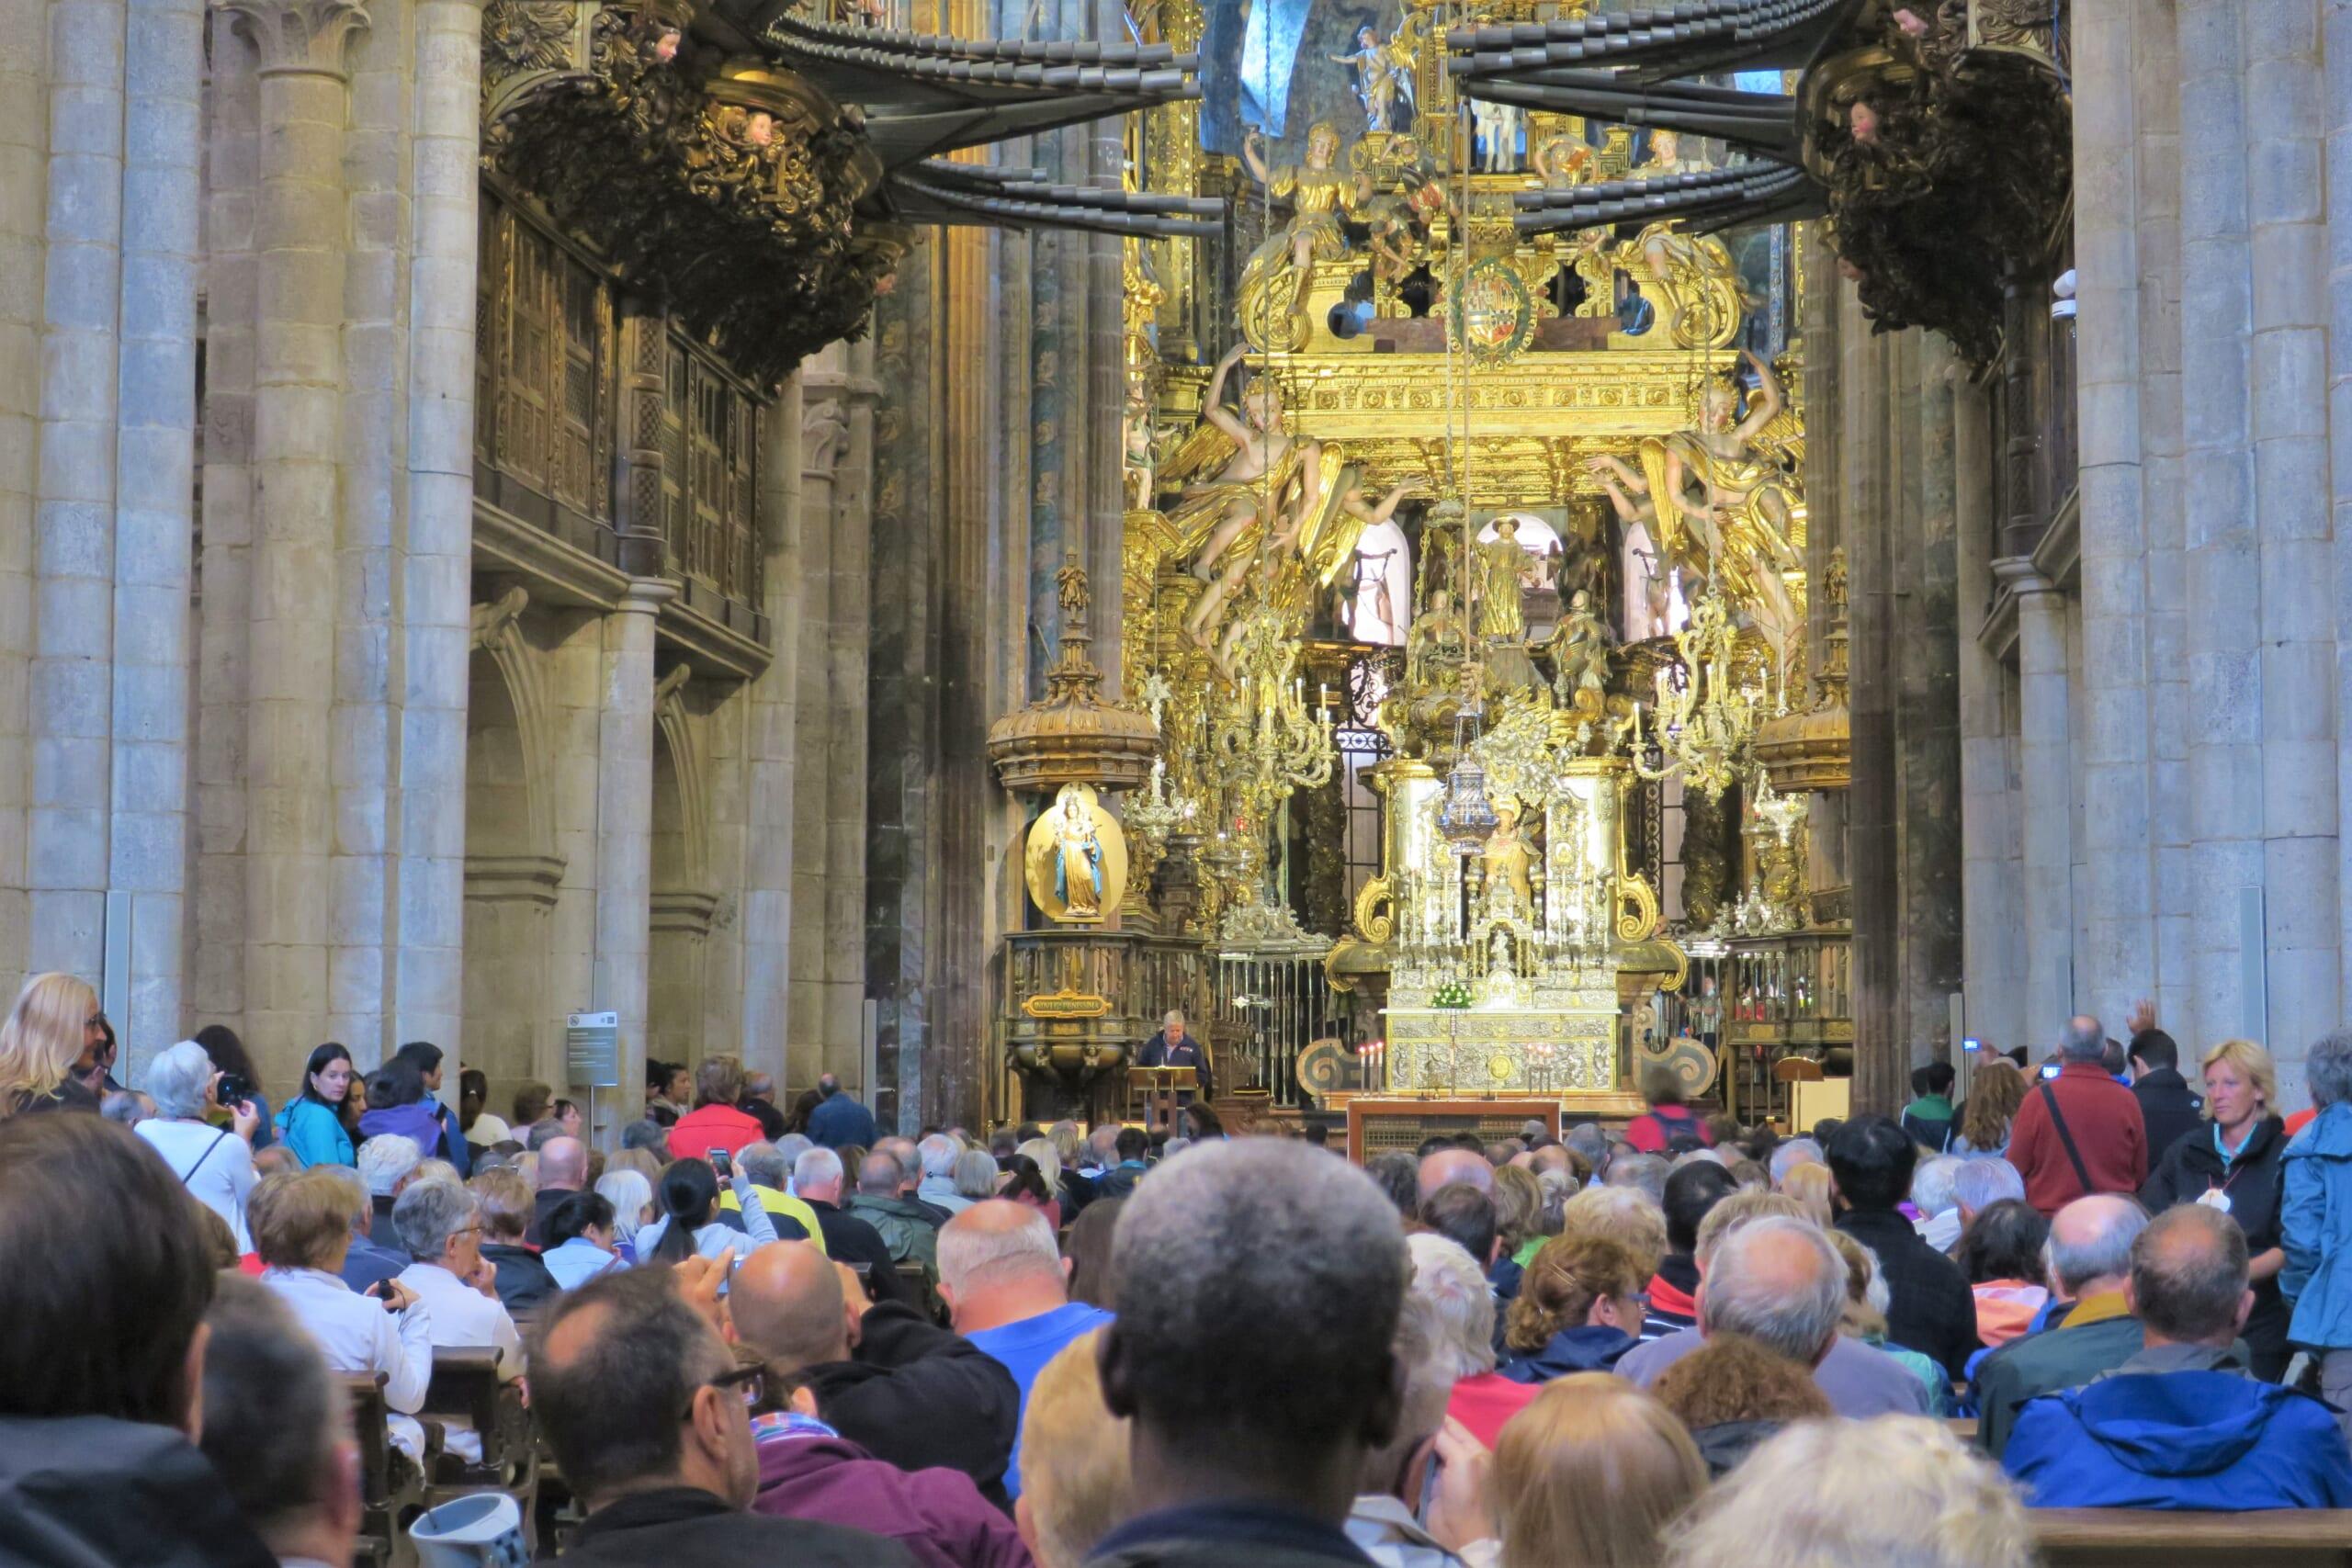 北スペインの観光スポットであるガリアシアのサンティアゴ・デ・コンポステーラ大聖堂で行われる巡礼者のためのミサ